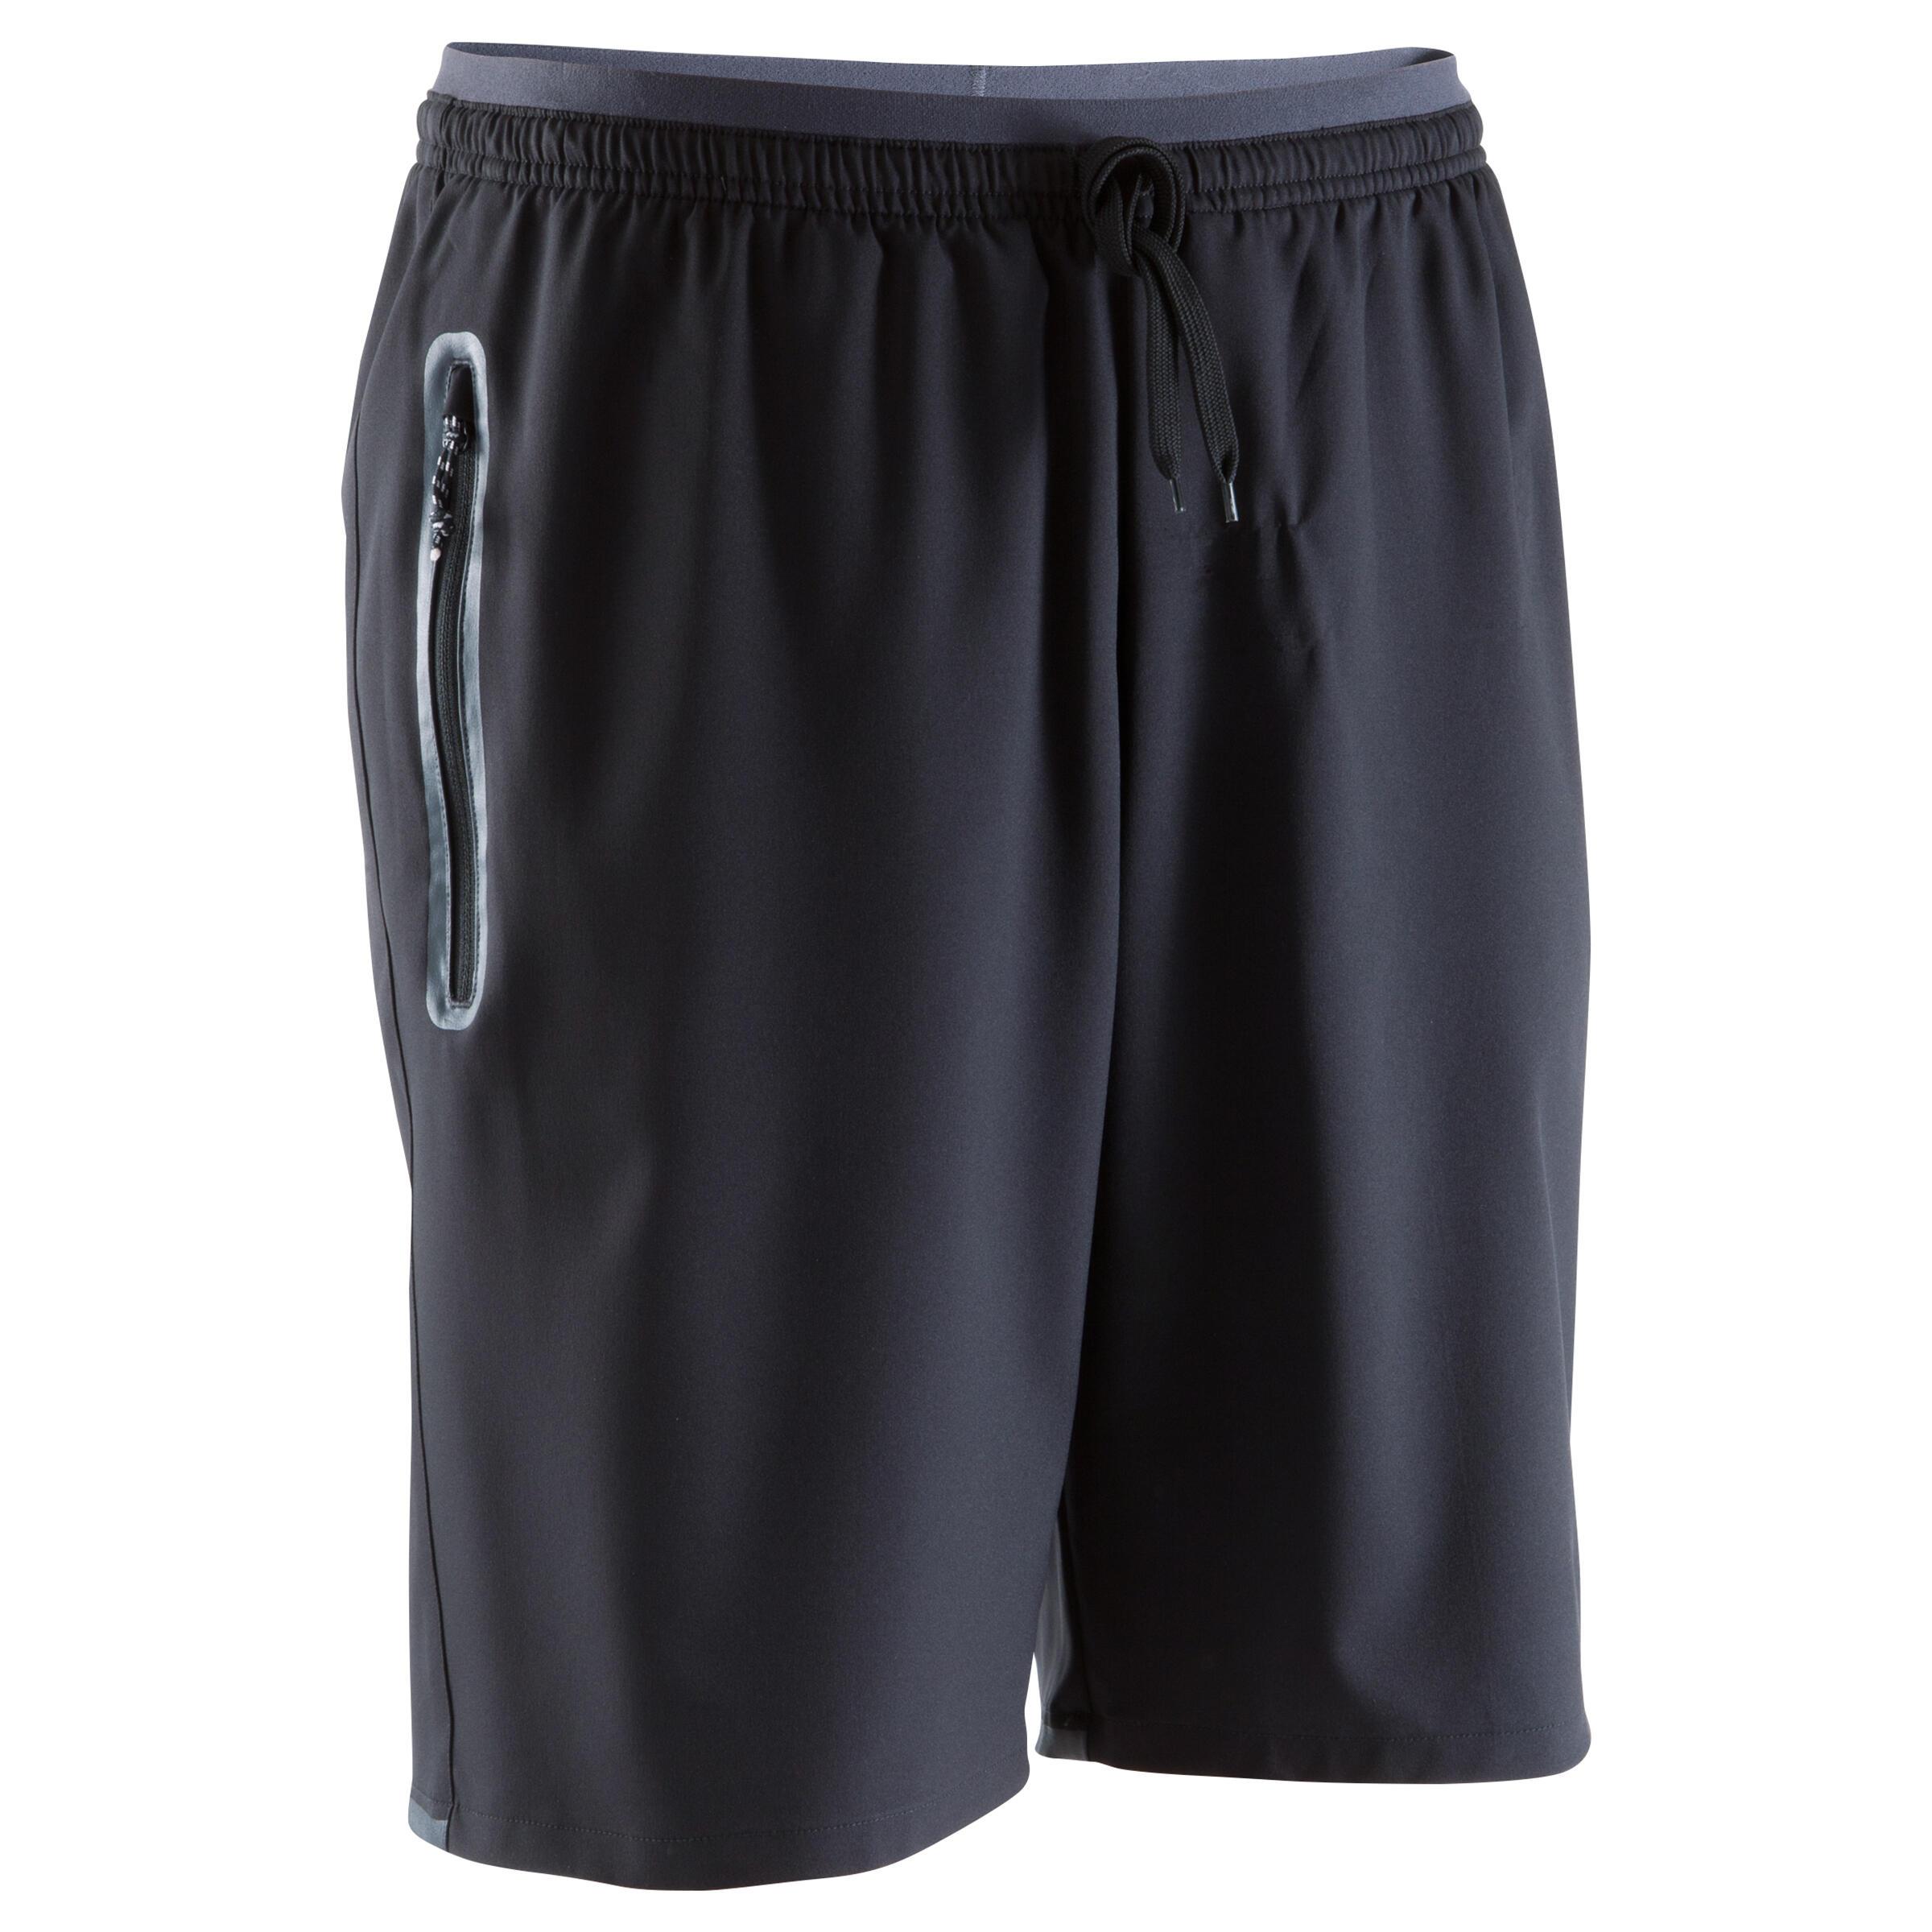 780177b4e Comprar Pantalones de Mujer Deportivos online | Decathlon